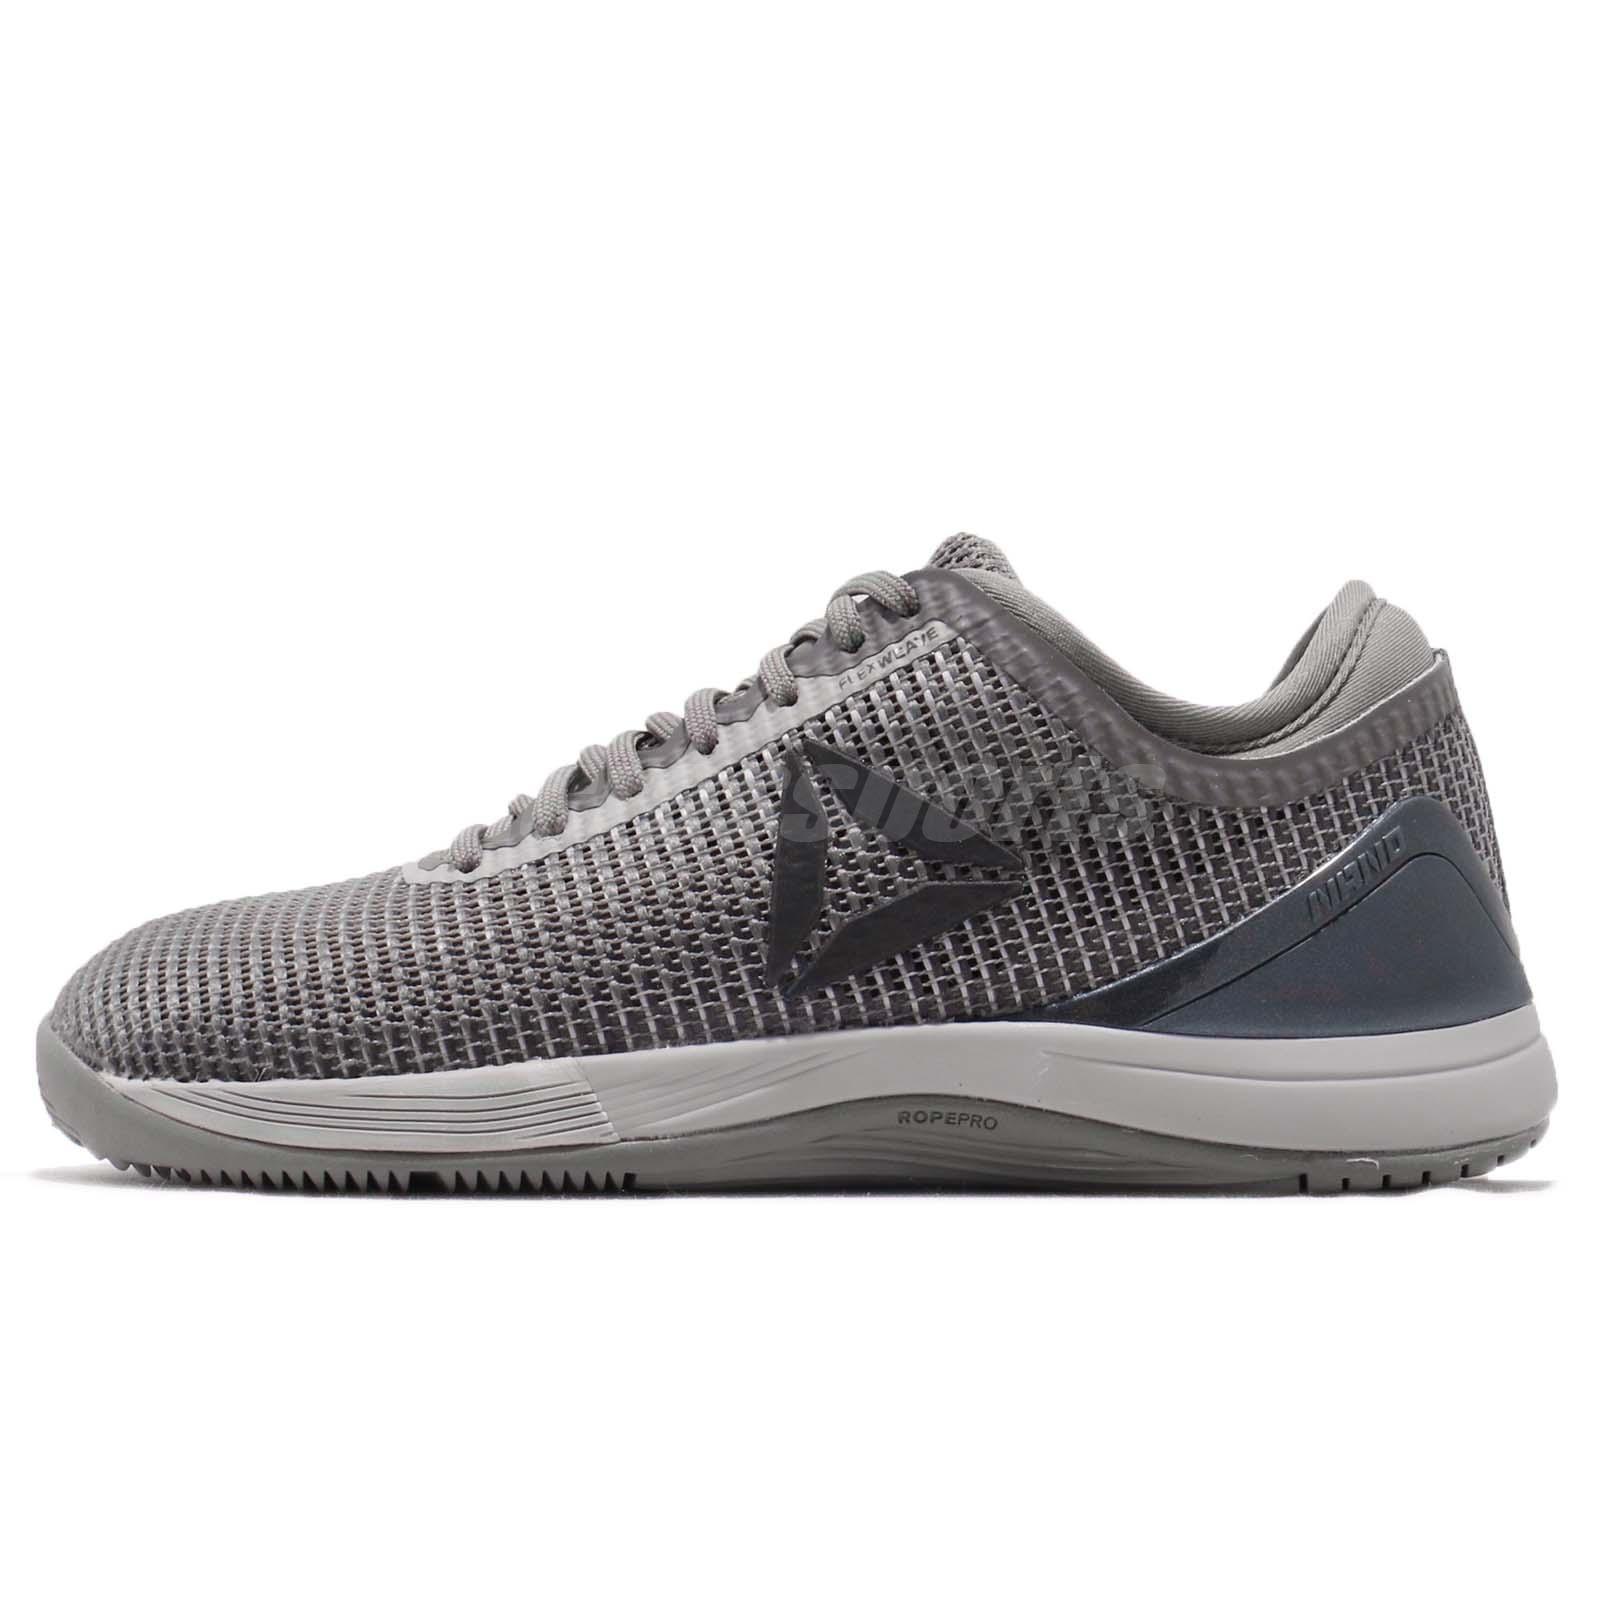 Reebok R CrossFit Nano 8.0 Grey Silver Women Cross Training Shoes Sneaker  CN2981 4a42432d1